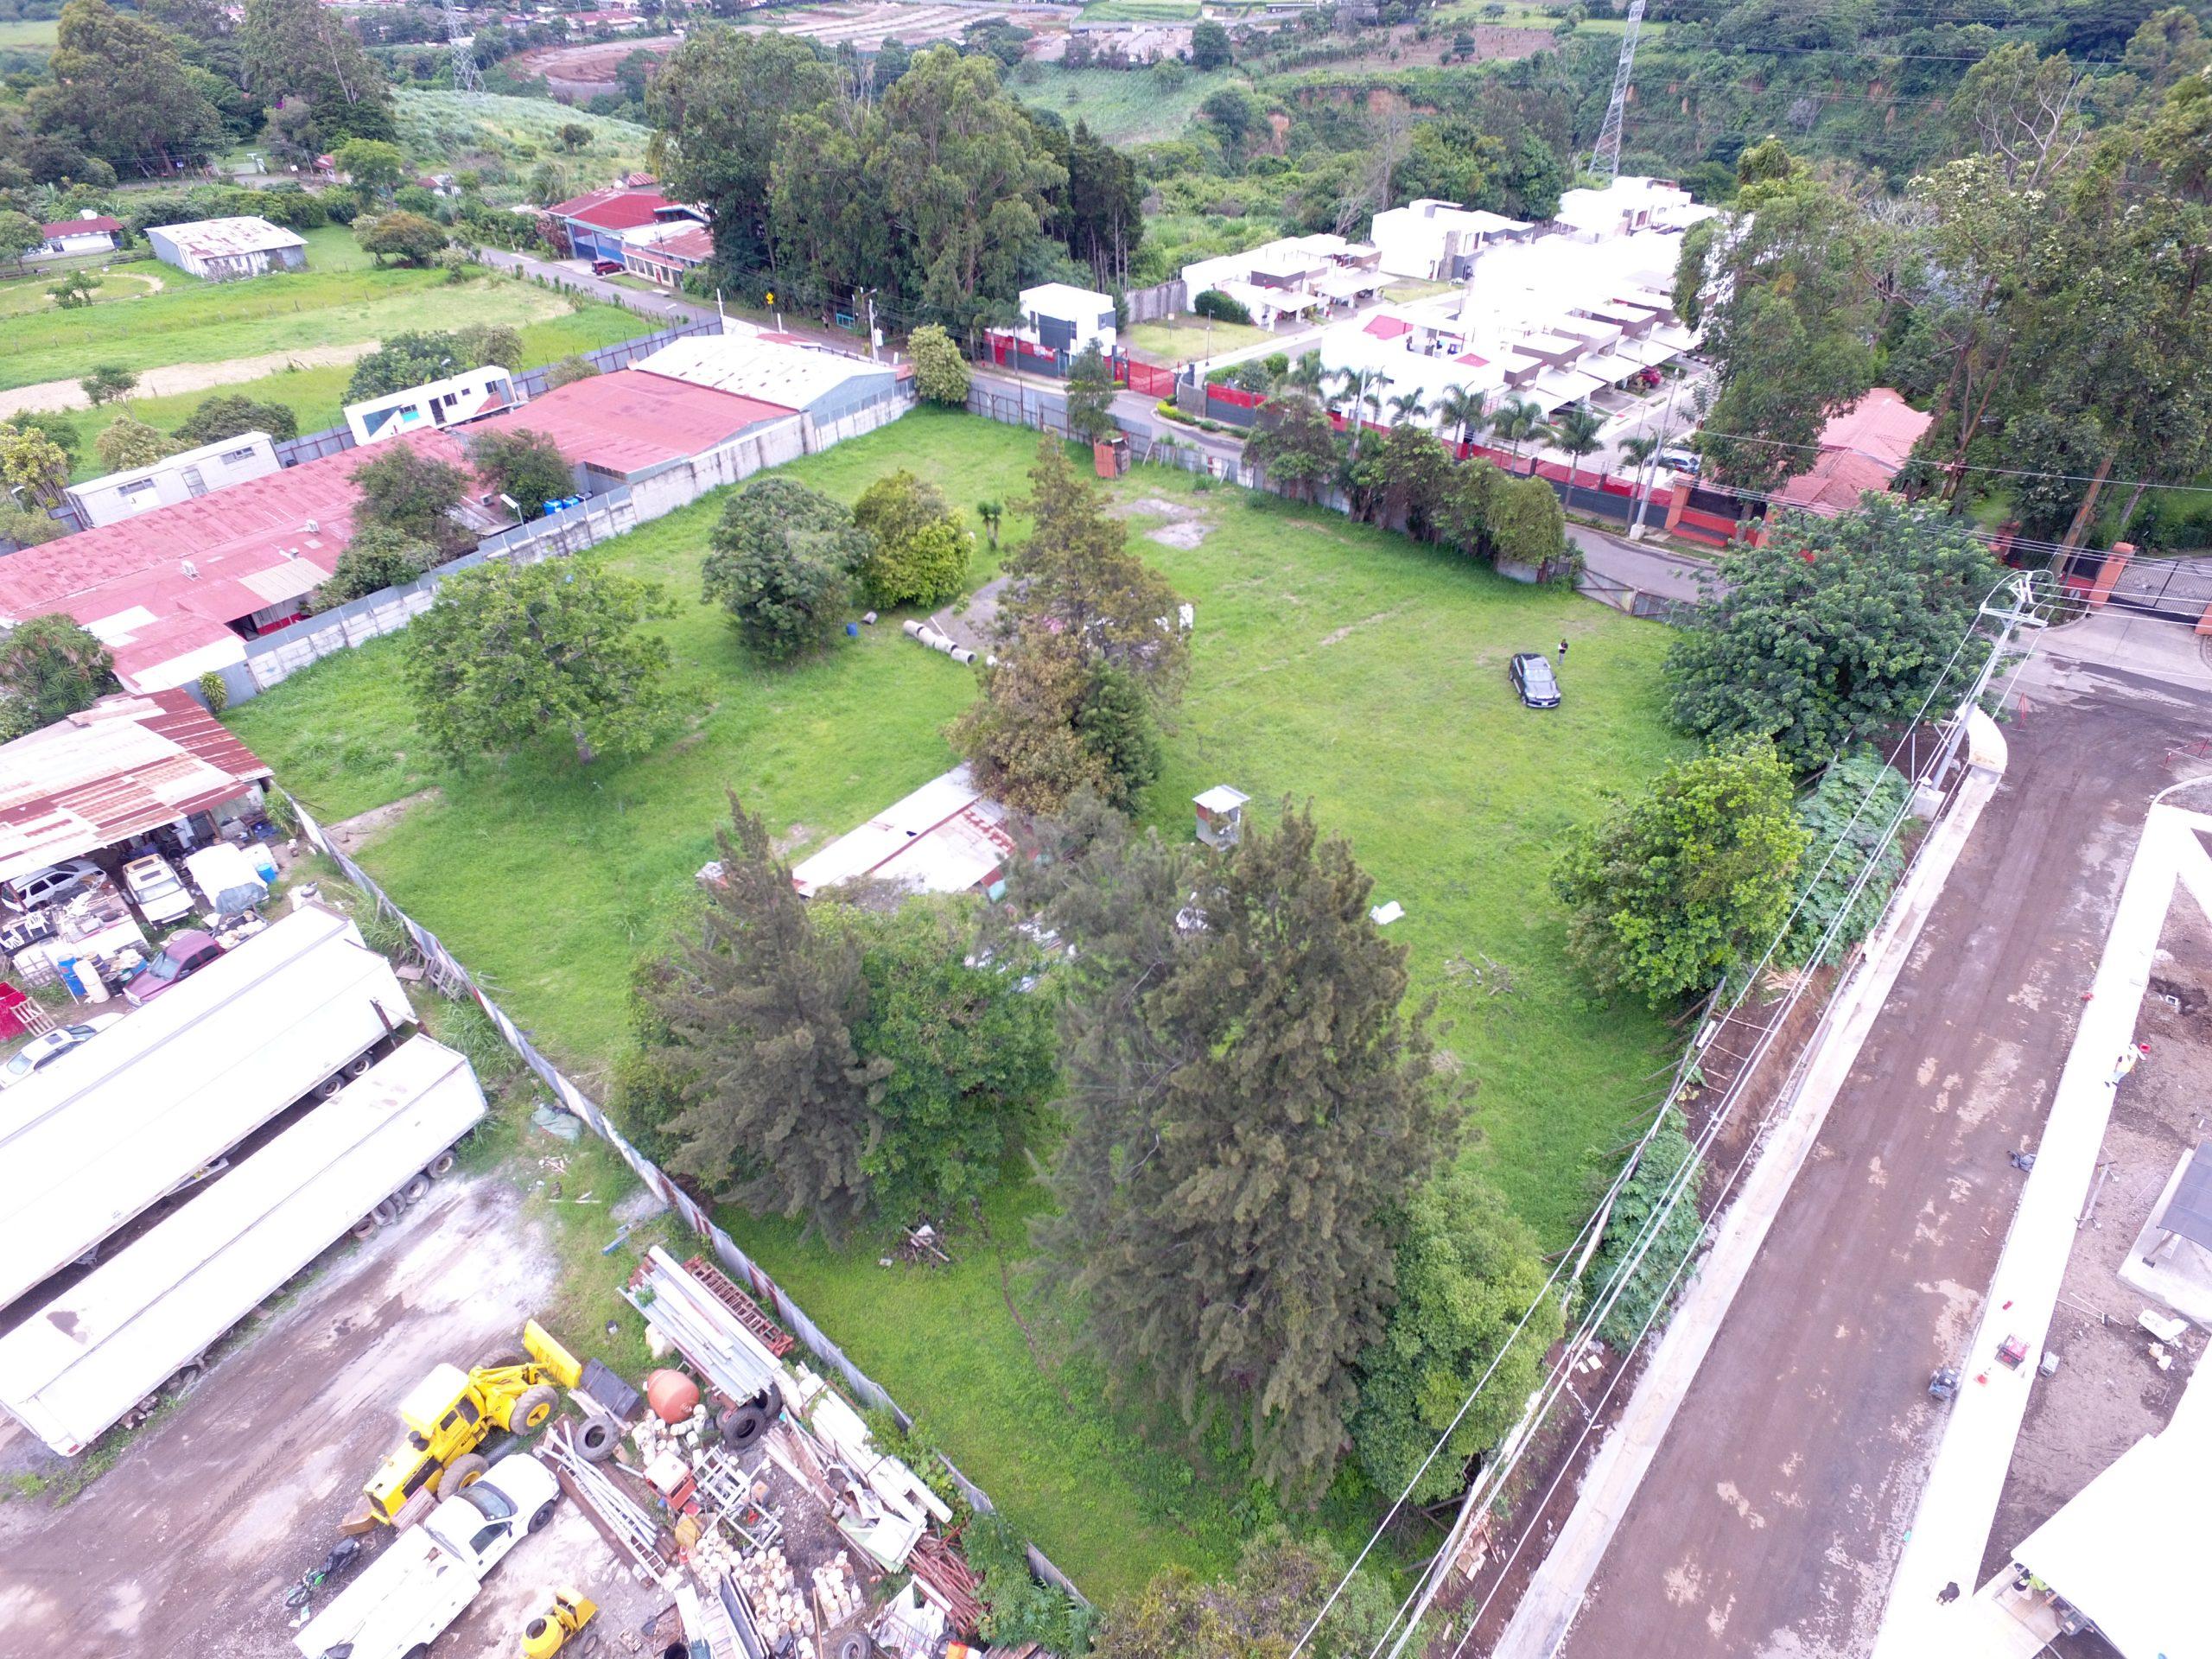 2531 Lote de uso comercial o residencial en Santo Domingo